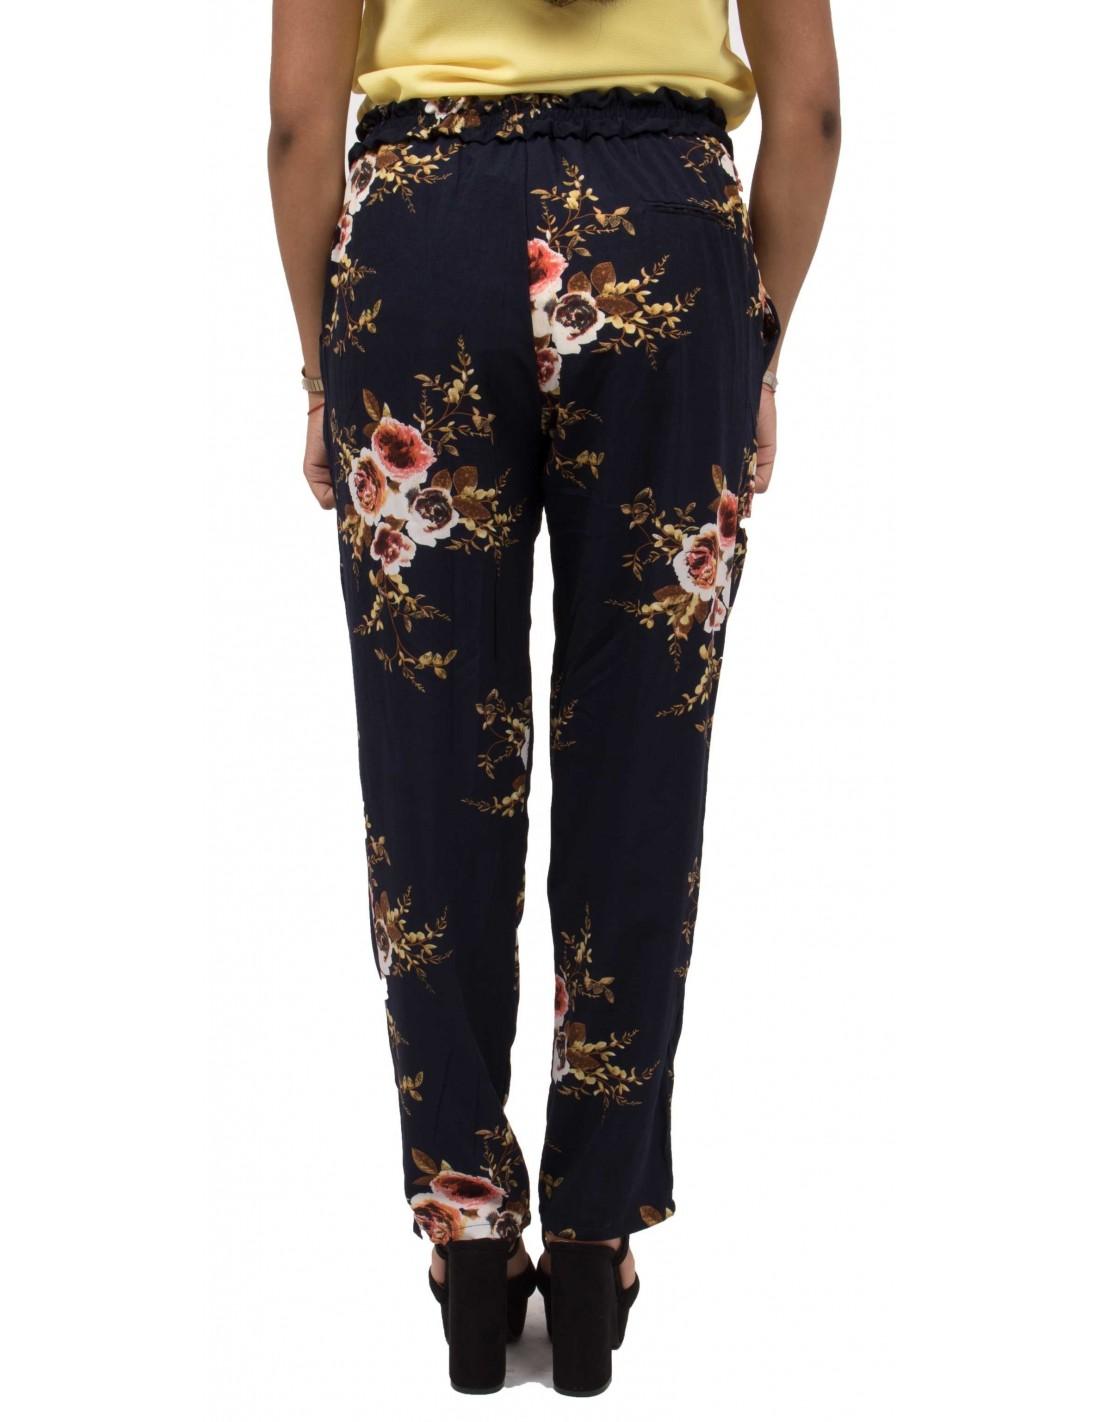 Pantalon Femme Fluide Imprime Fleurs Noir Ou Bleu Marine Ample